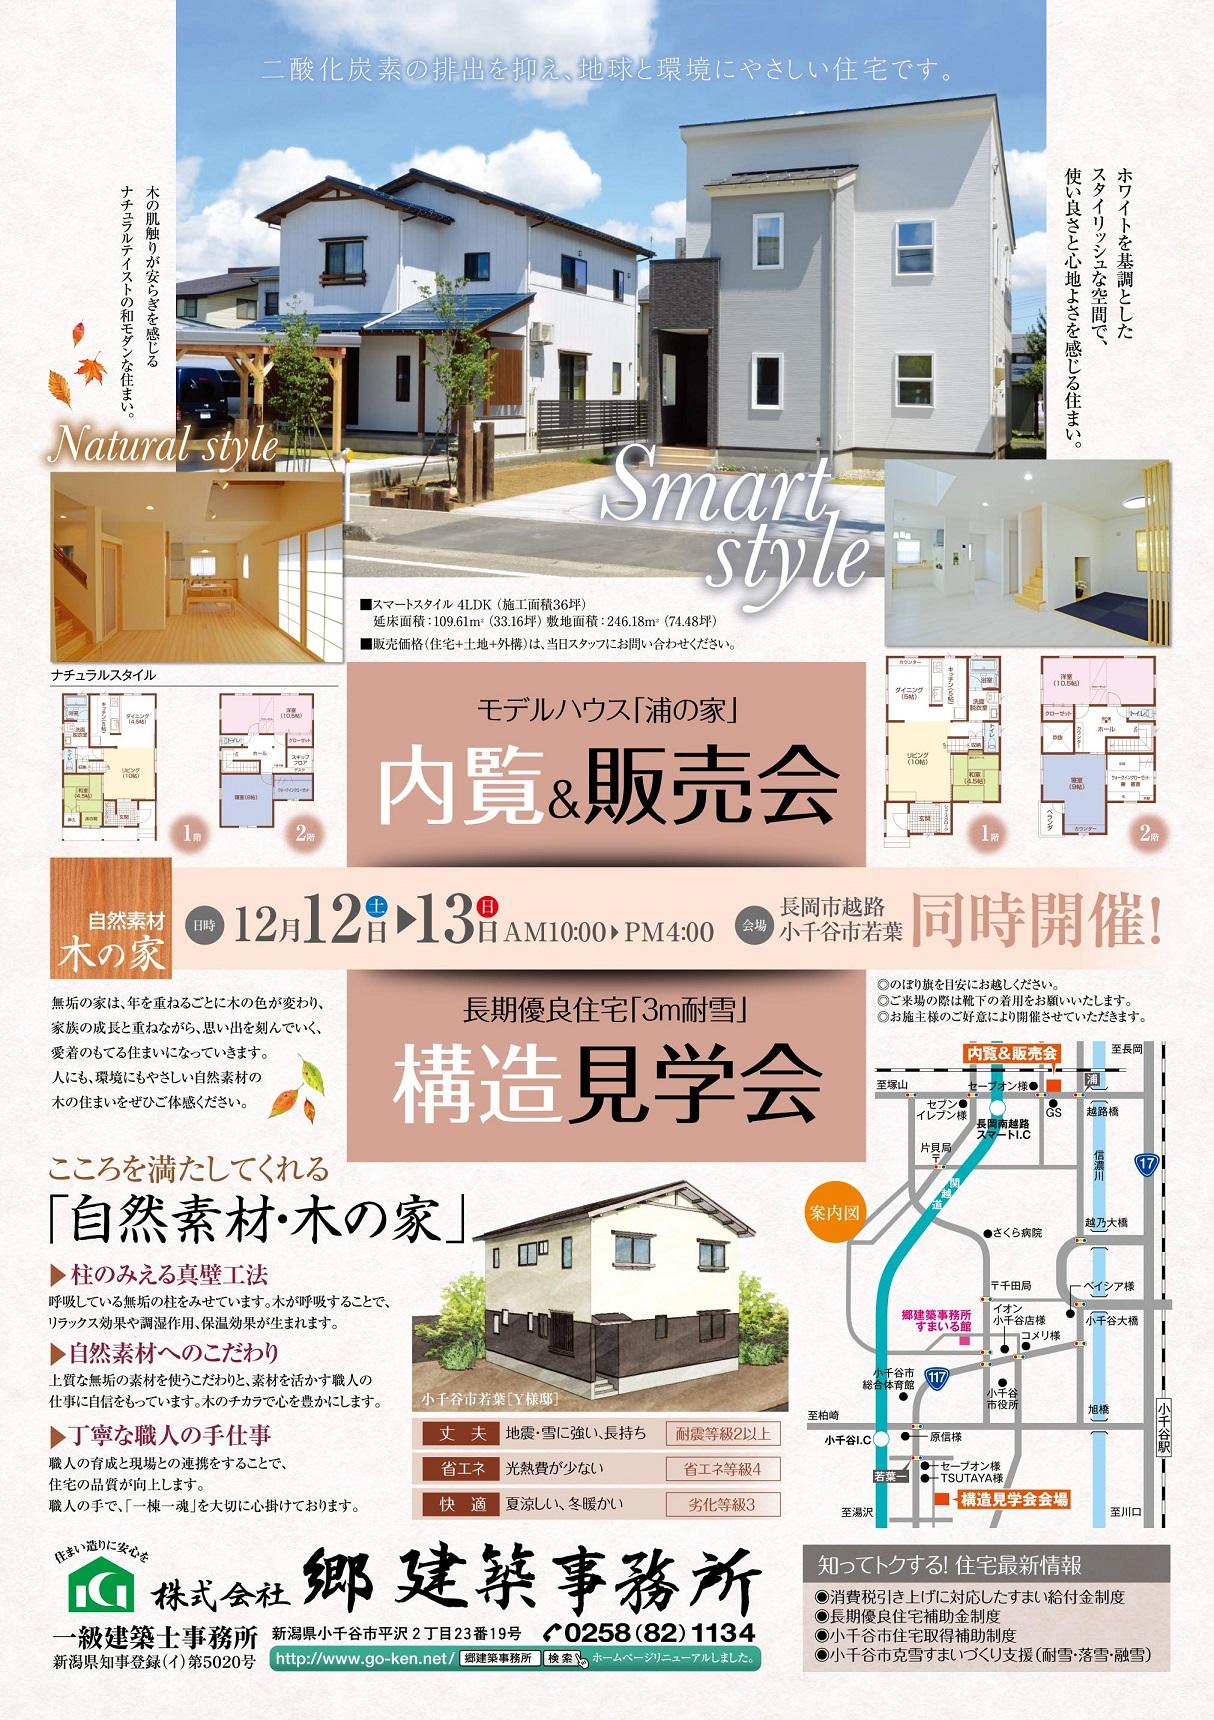 山﨑邸構造1